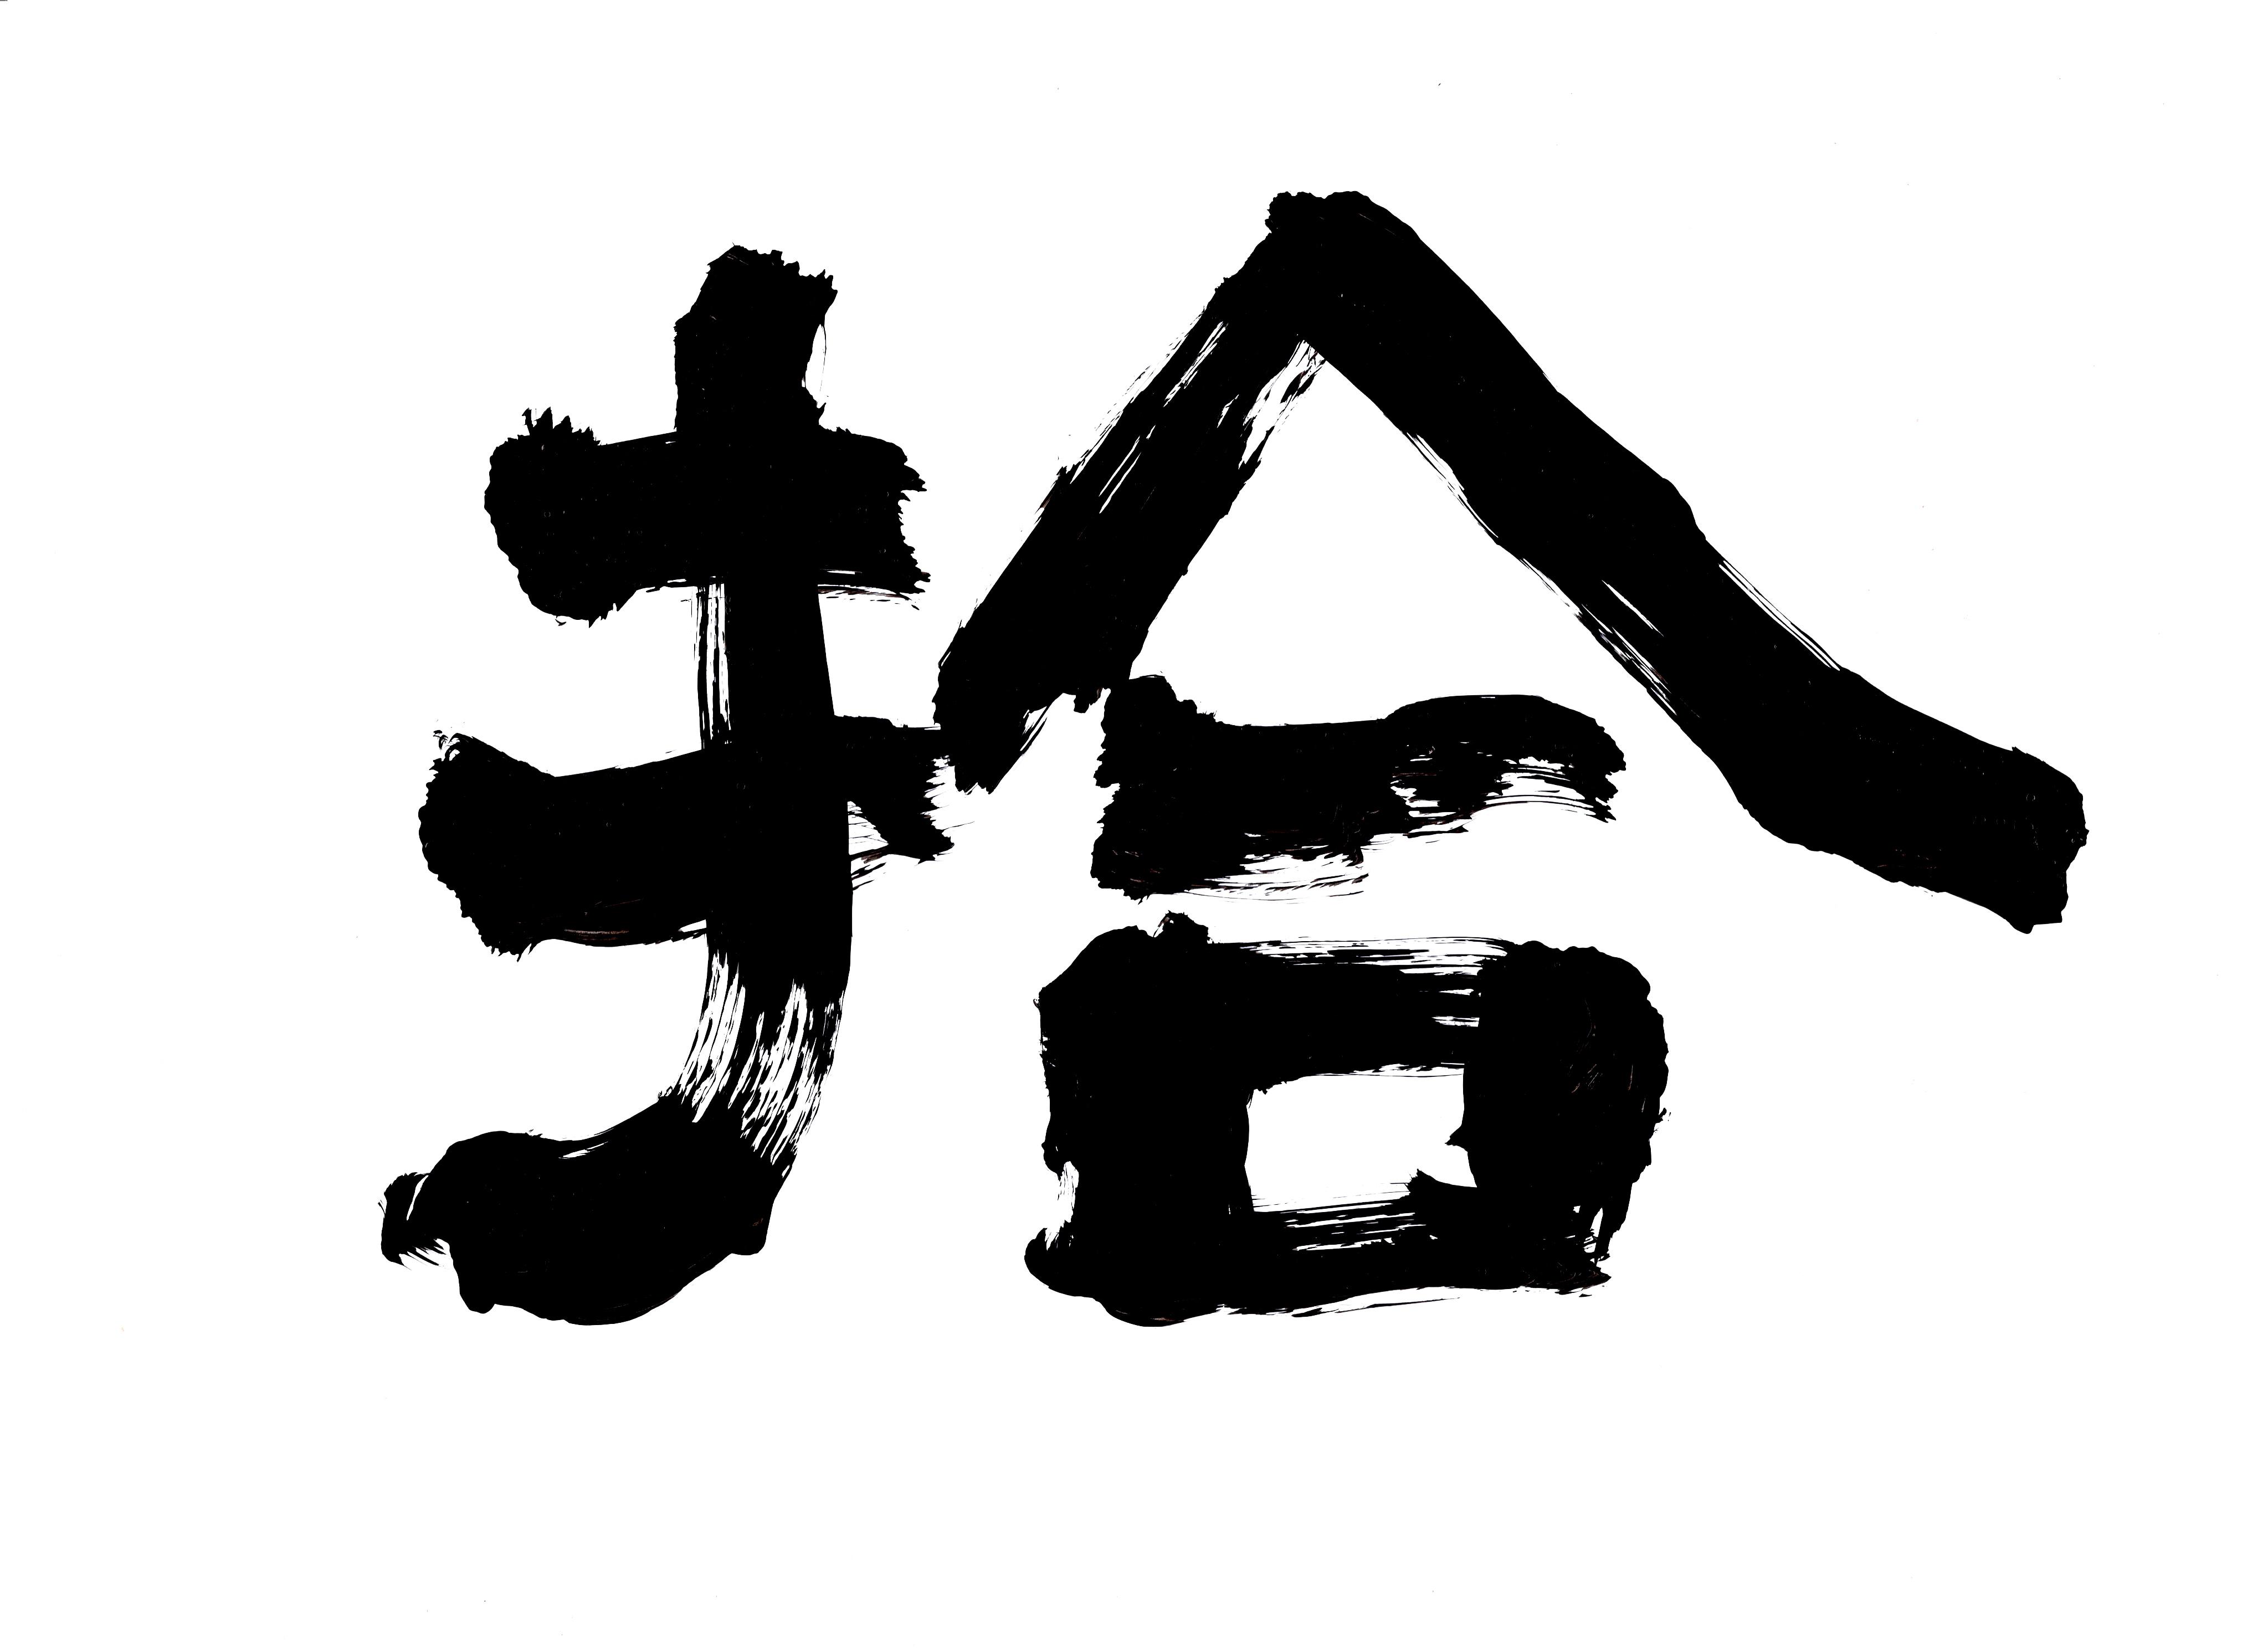 ワリコメッツ拾JPEG